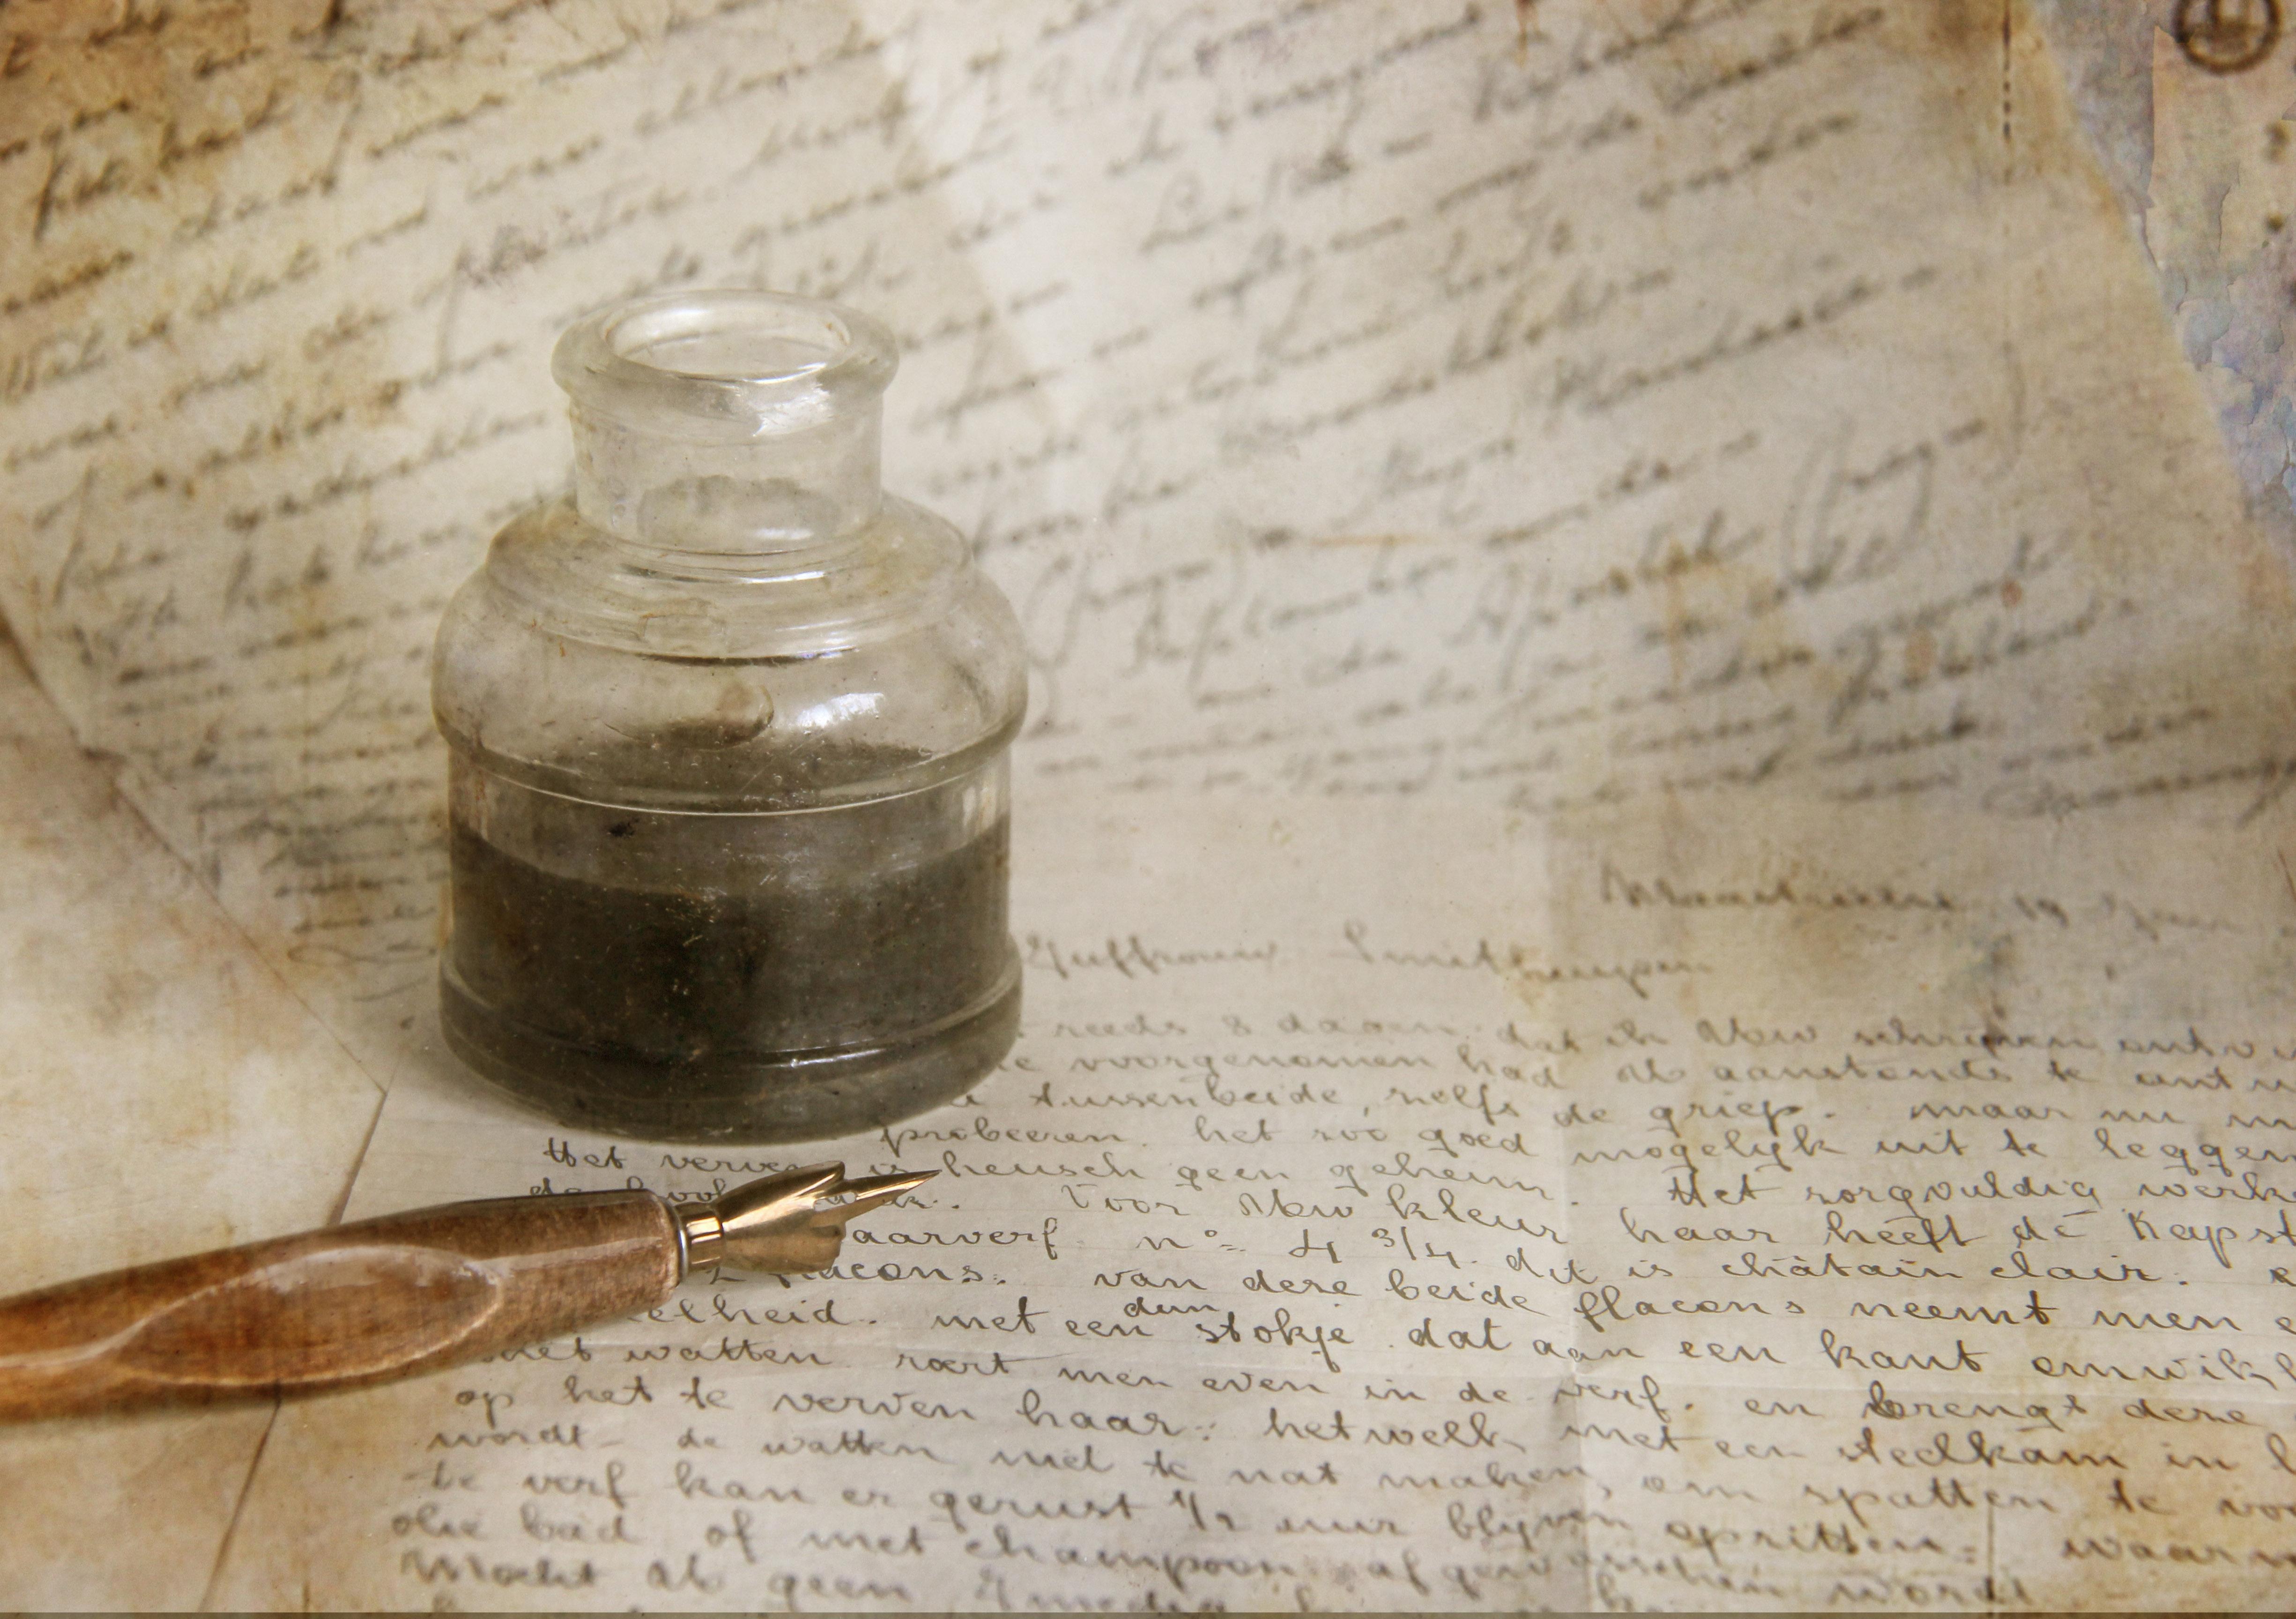 Hintergrundbilder : Licht, Textur, mich, Glas, Tinte, Schreiben ...